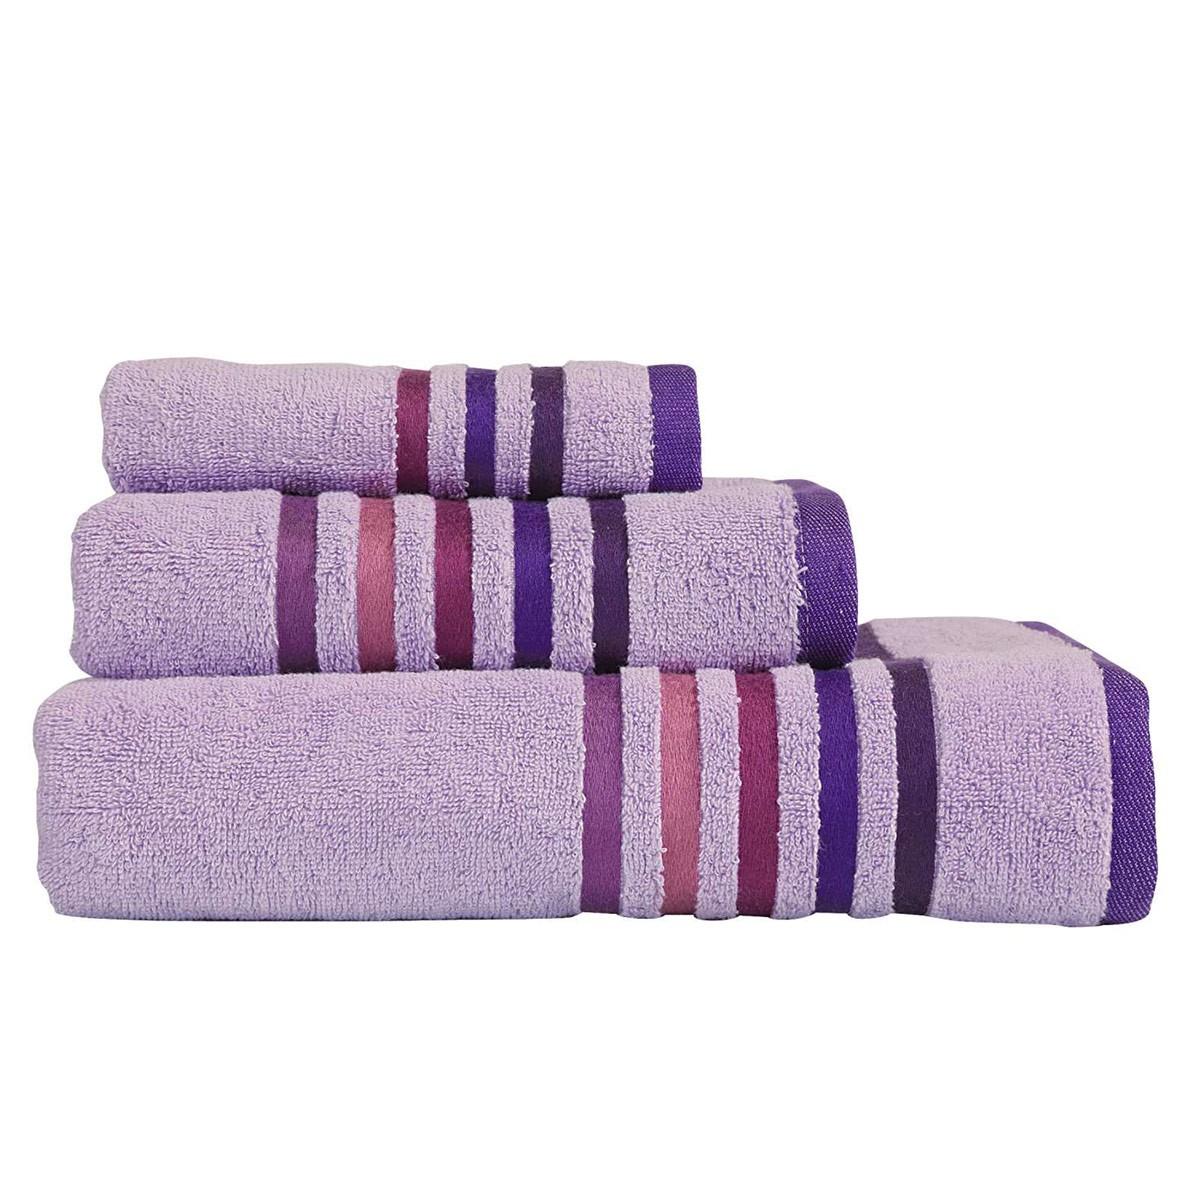 Πετσέτες Μπάνιου (Σετ 3τμχ) Nef-Nef Lines Lilac home   μπάνιο   πετσέτες μπάνιου